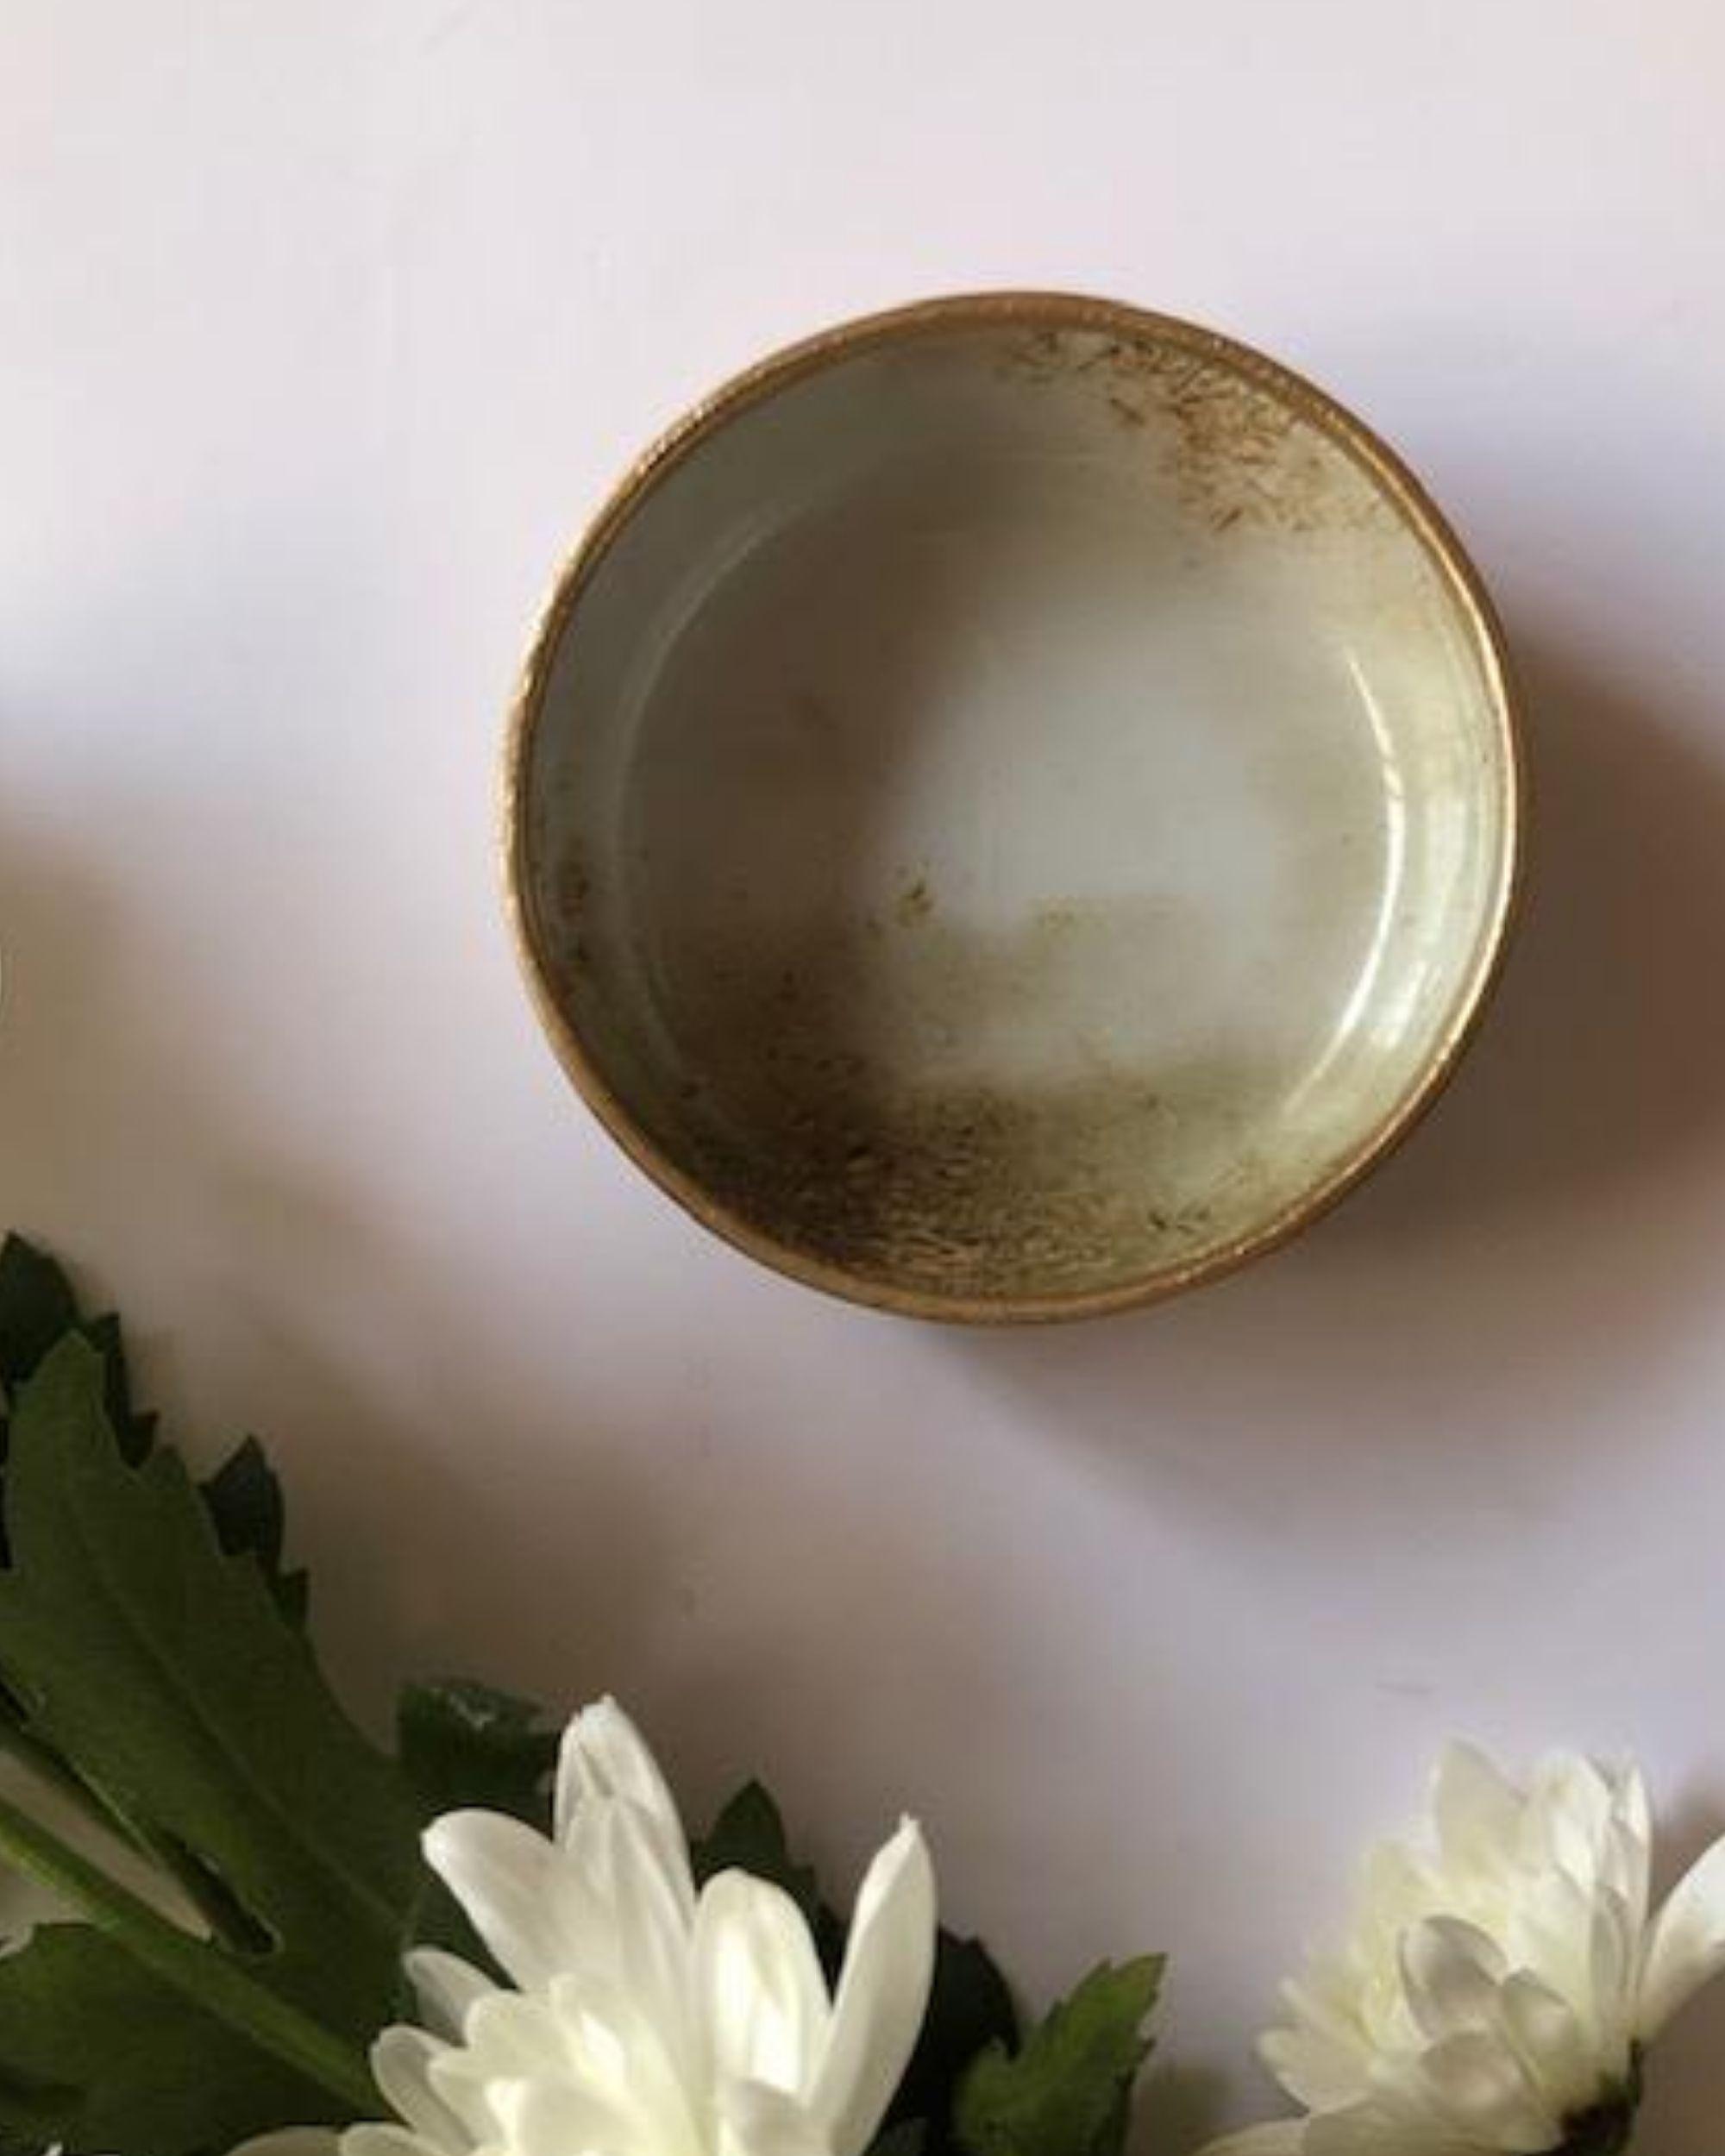 Beige metal dip bowl